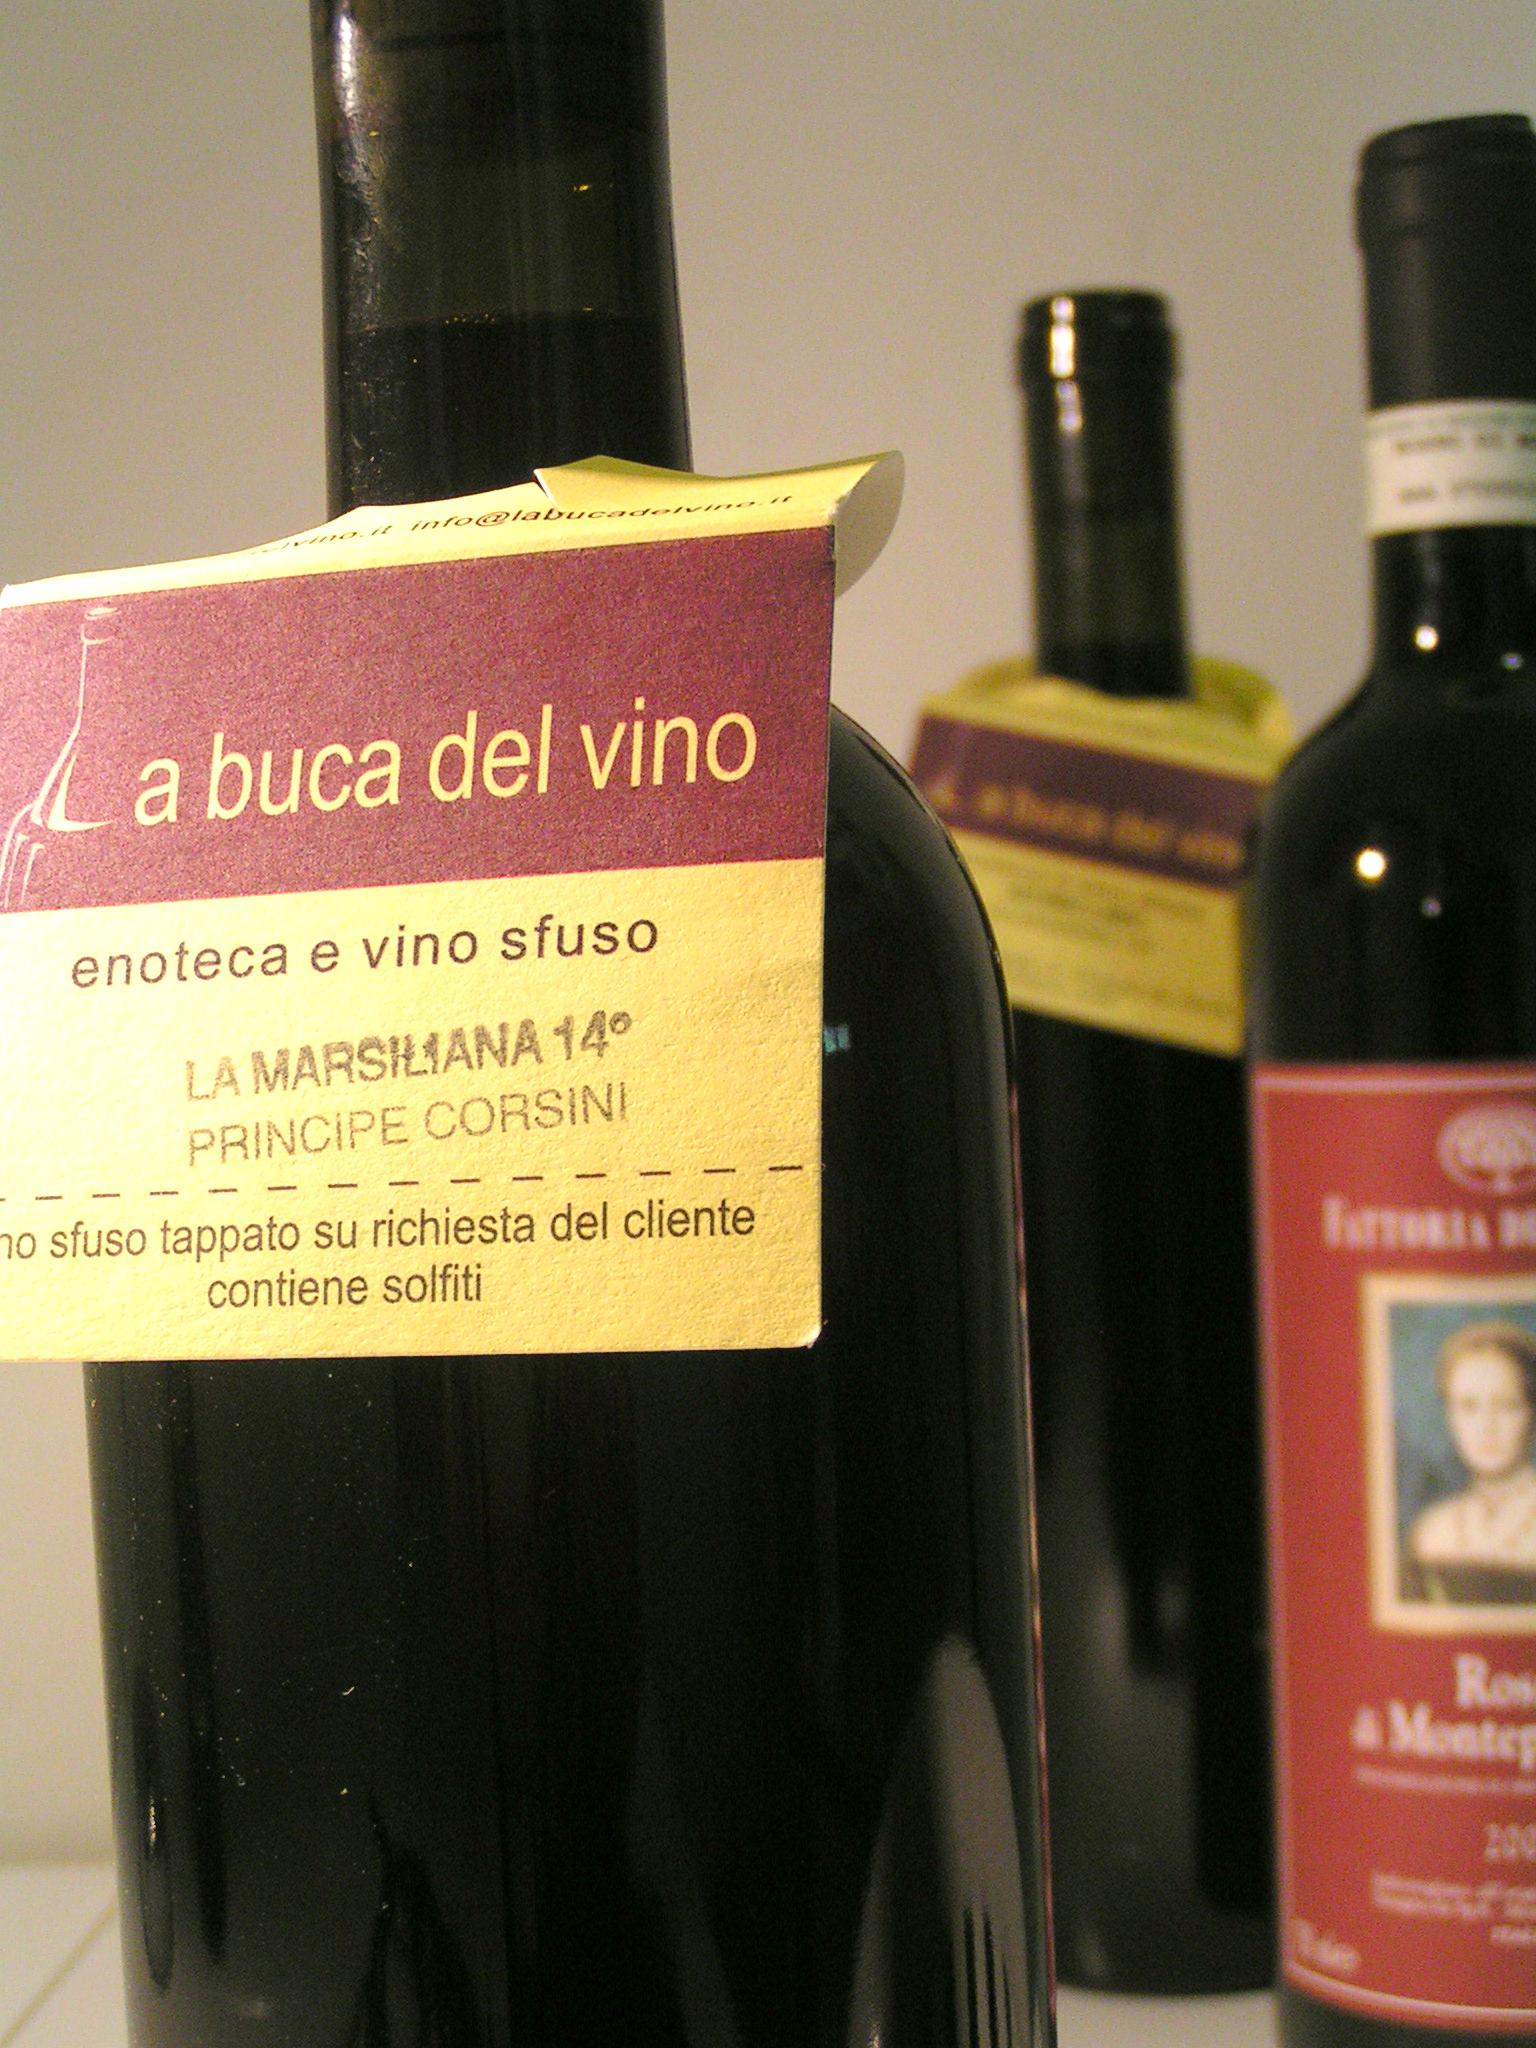 La Buca del Vino